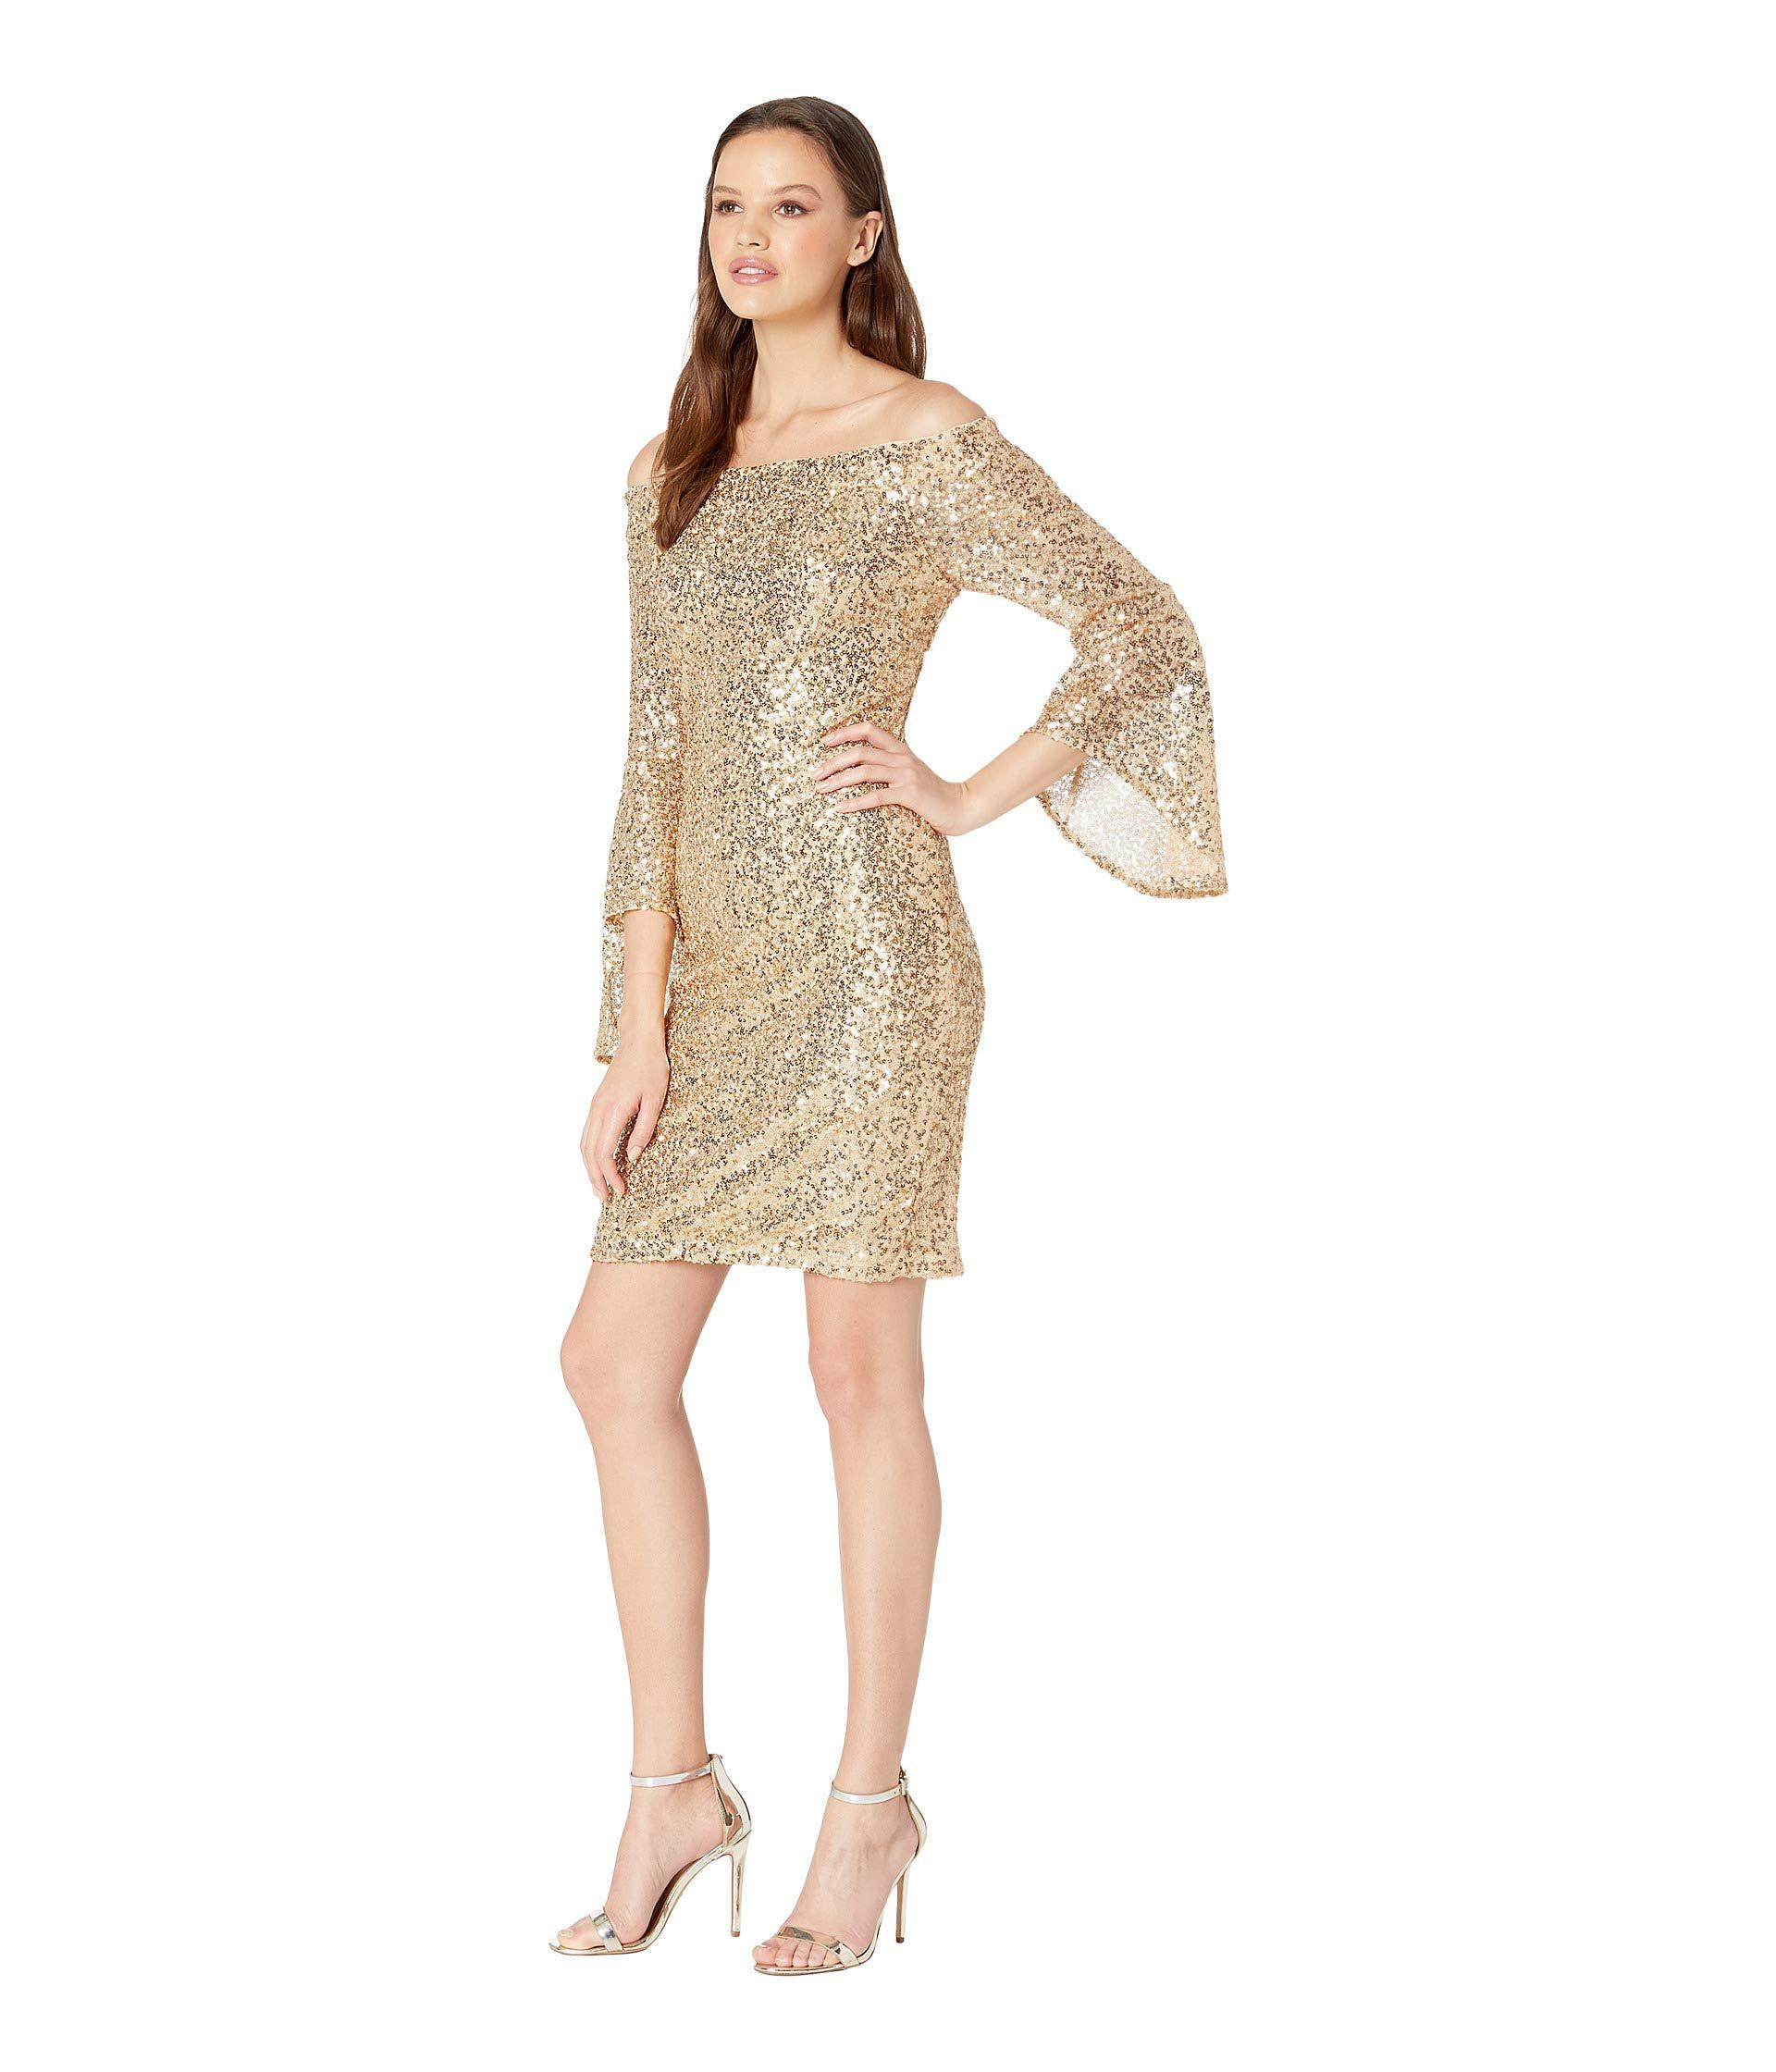 4d2239c8be63de Lyst - Bebe Off Shoulder Sequin Dress W  Bell Sleeves in Metallic - Save 25%